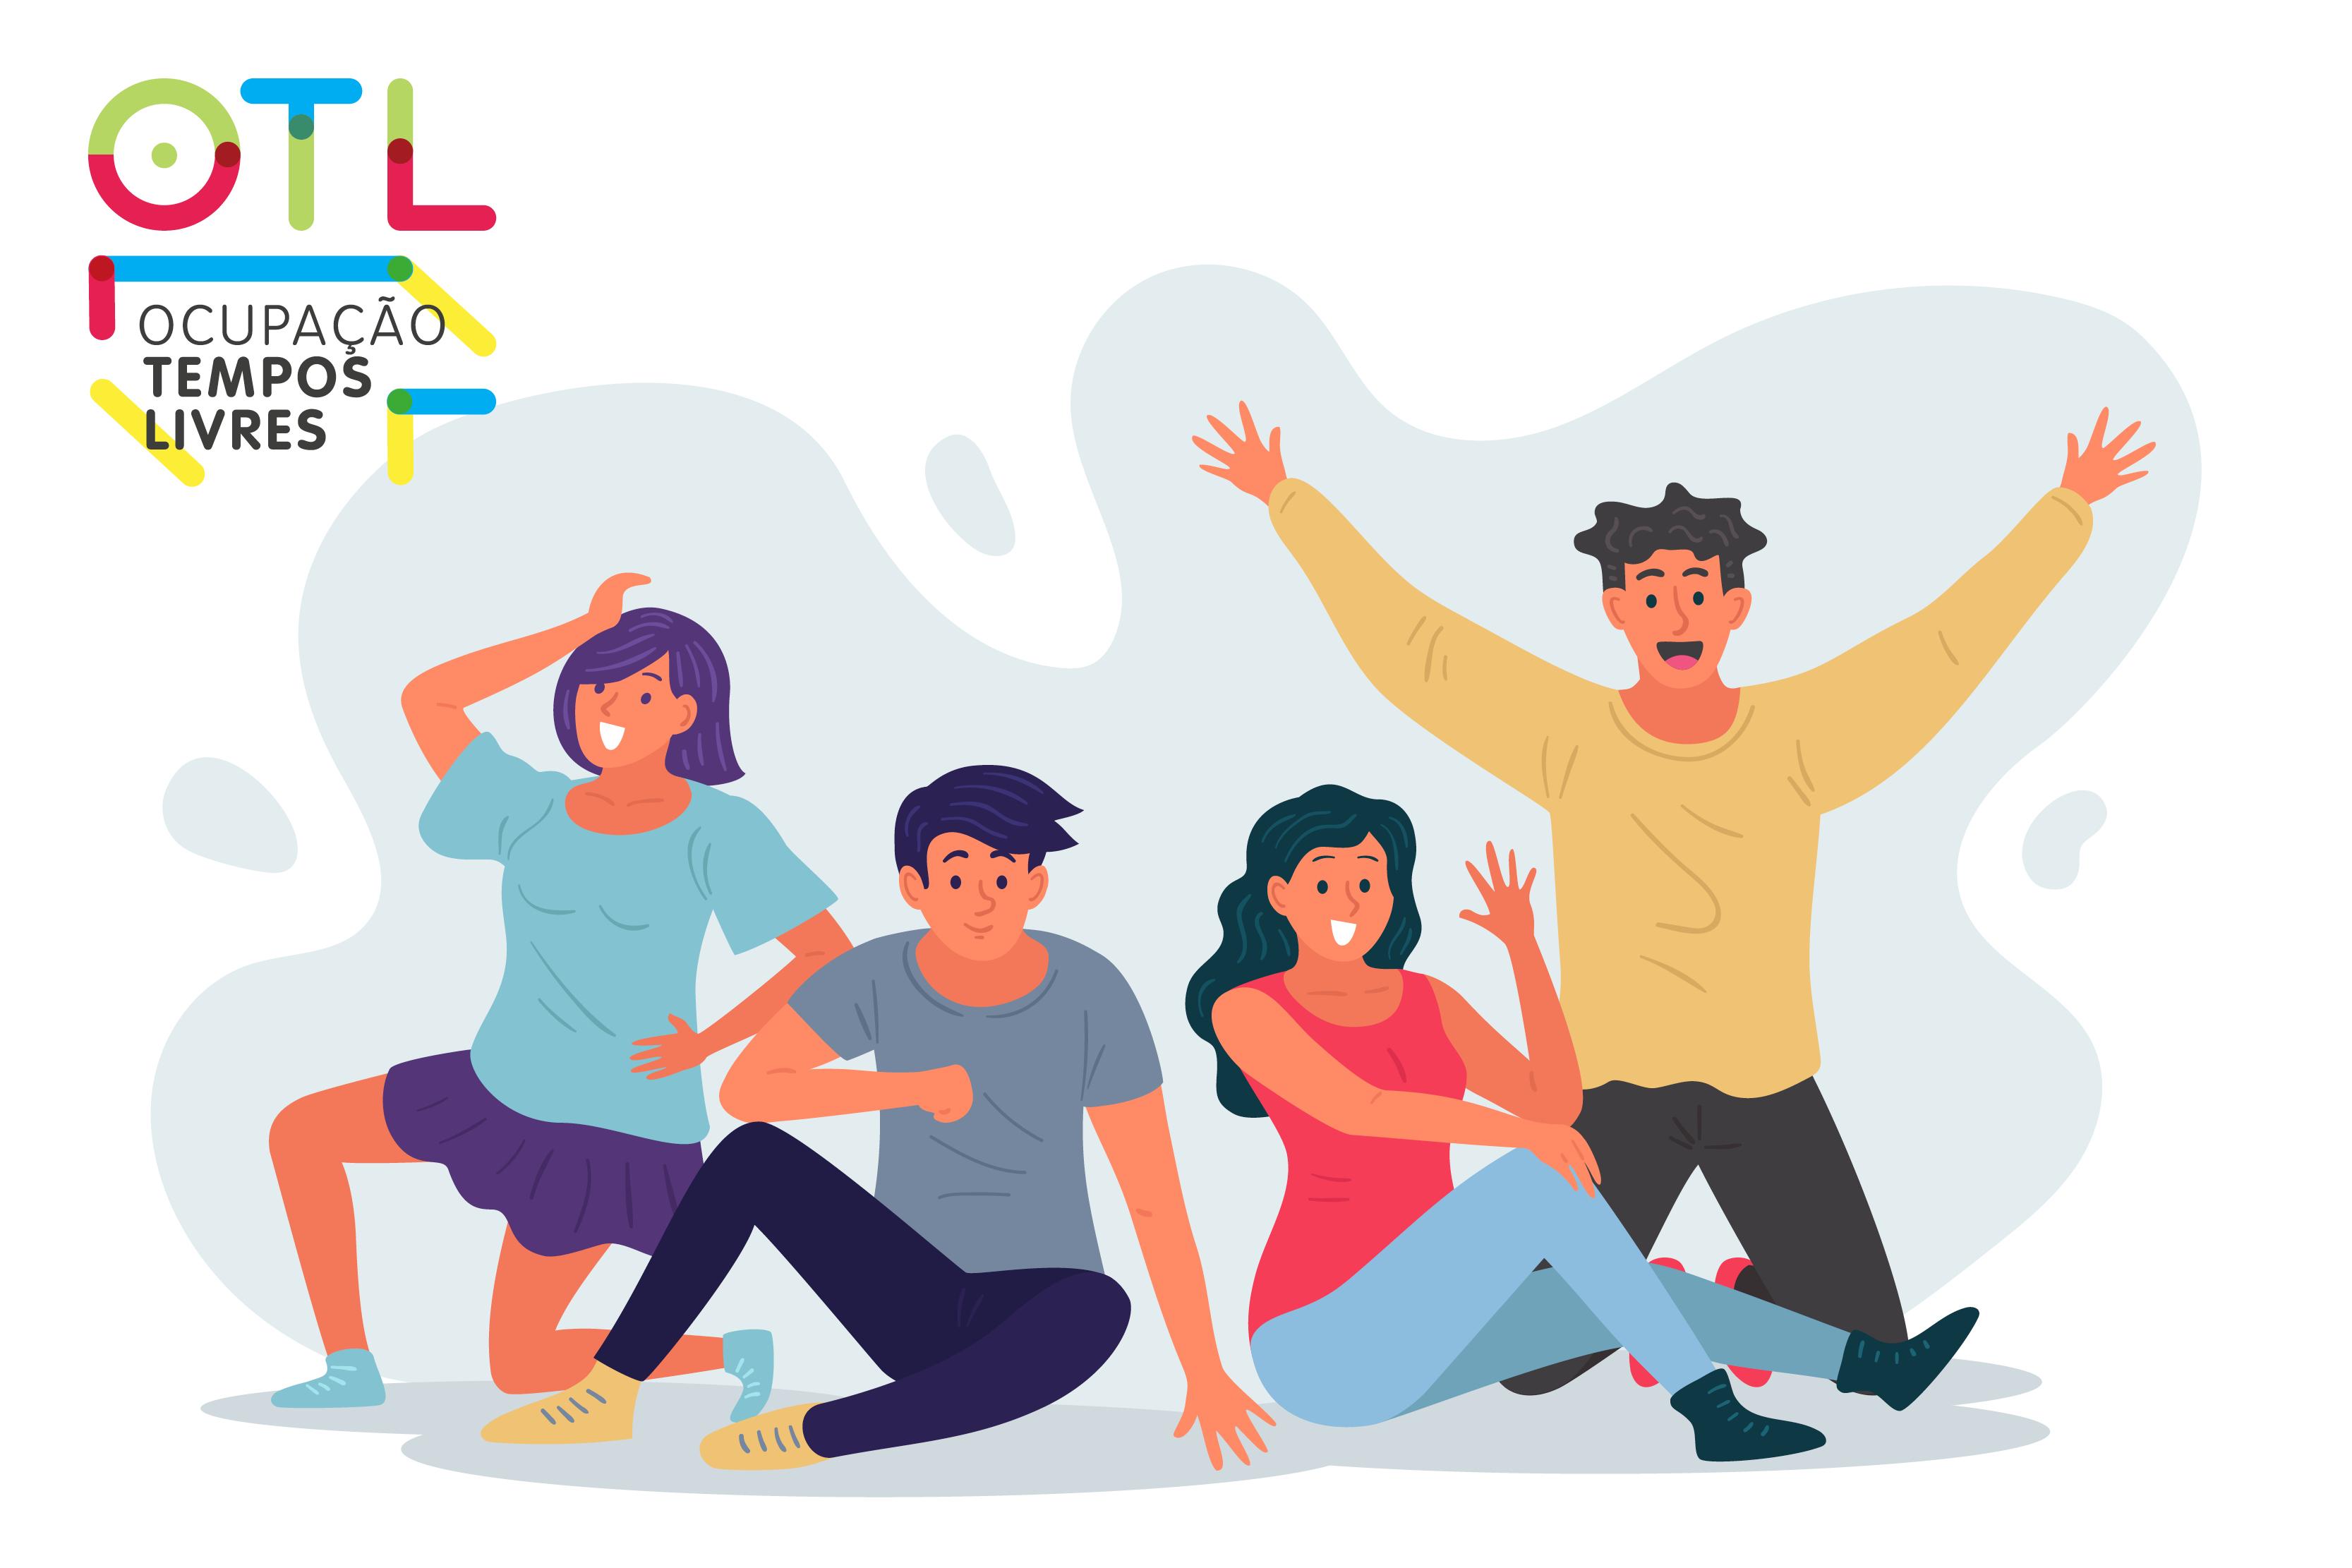 Logotipo OTL e grupo de jovens em imagem infográfica.